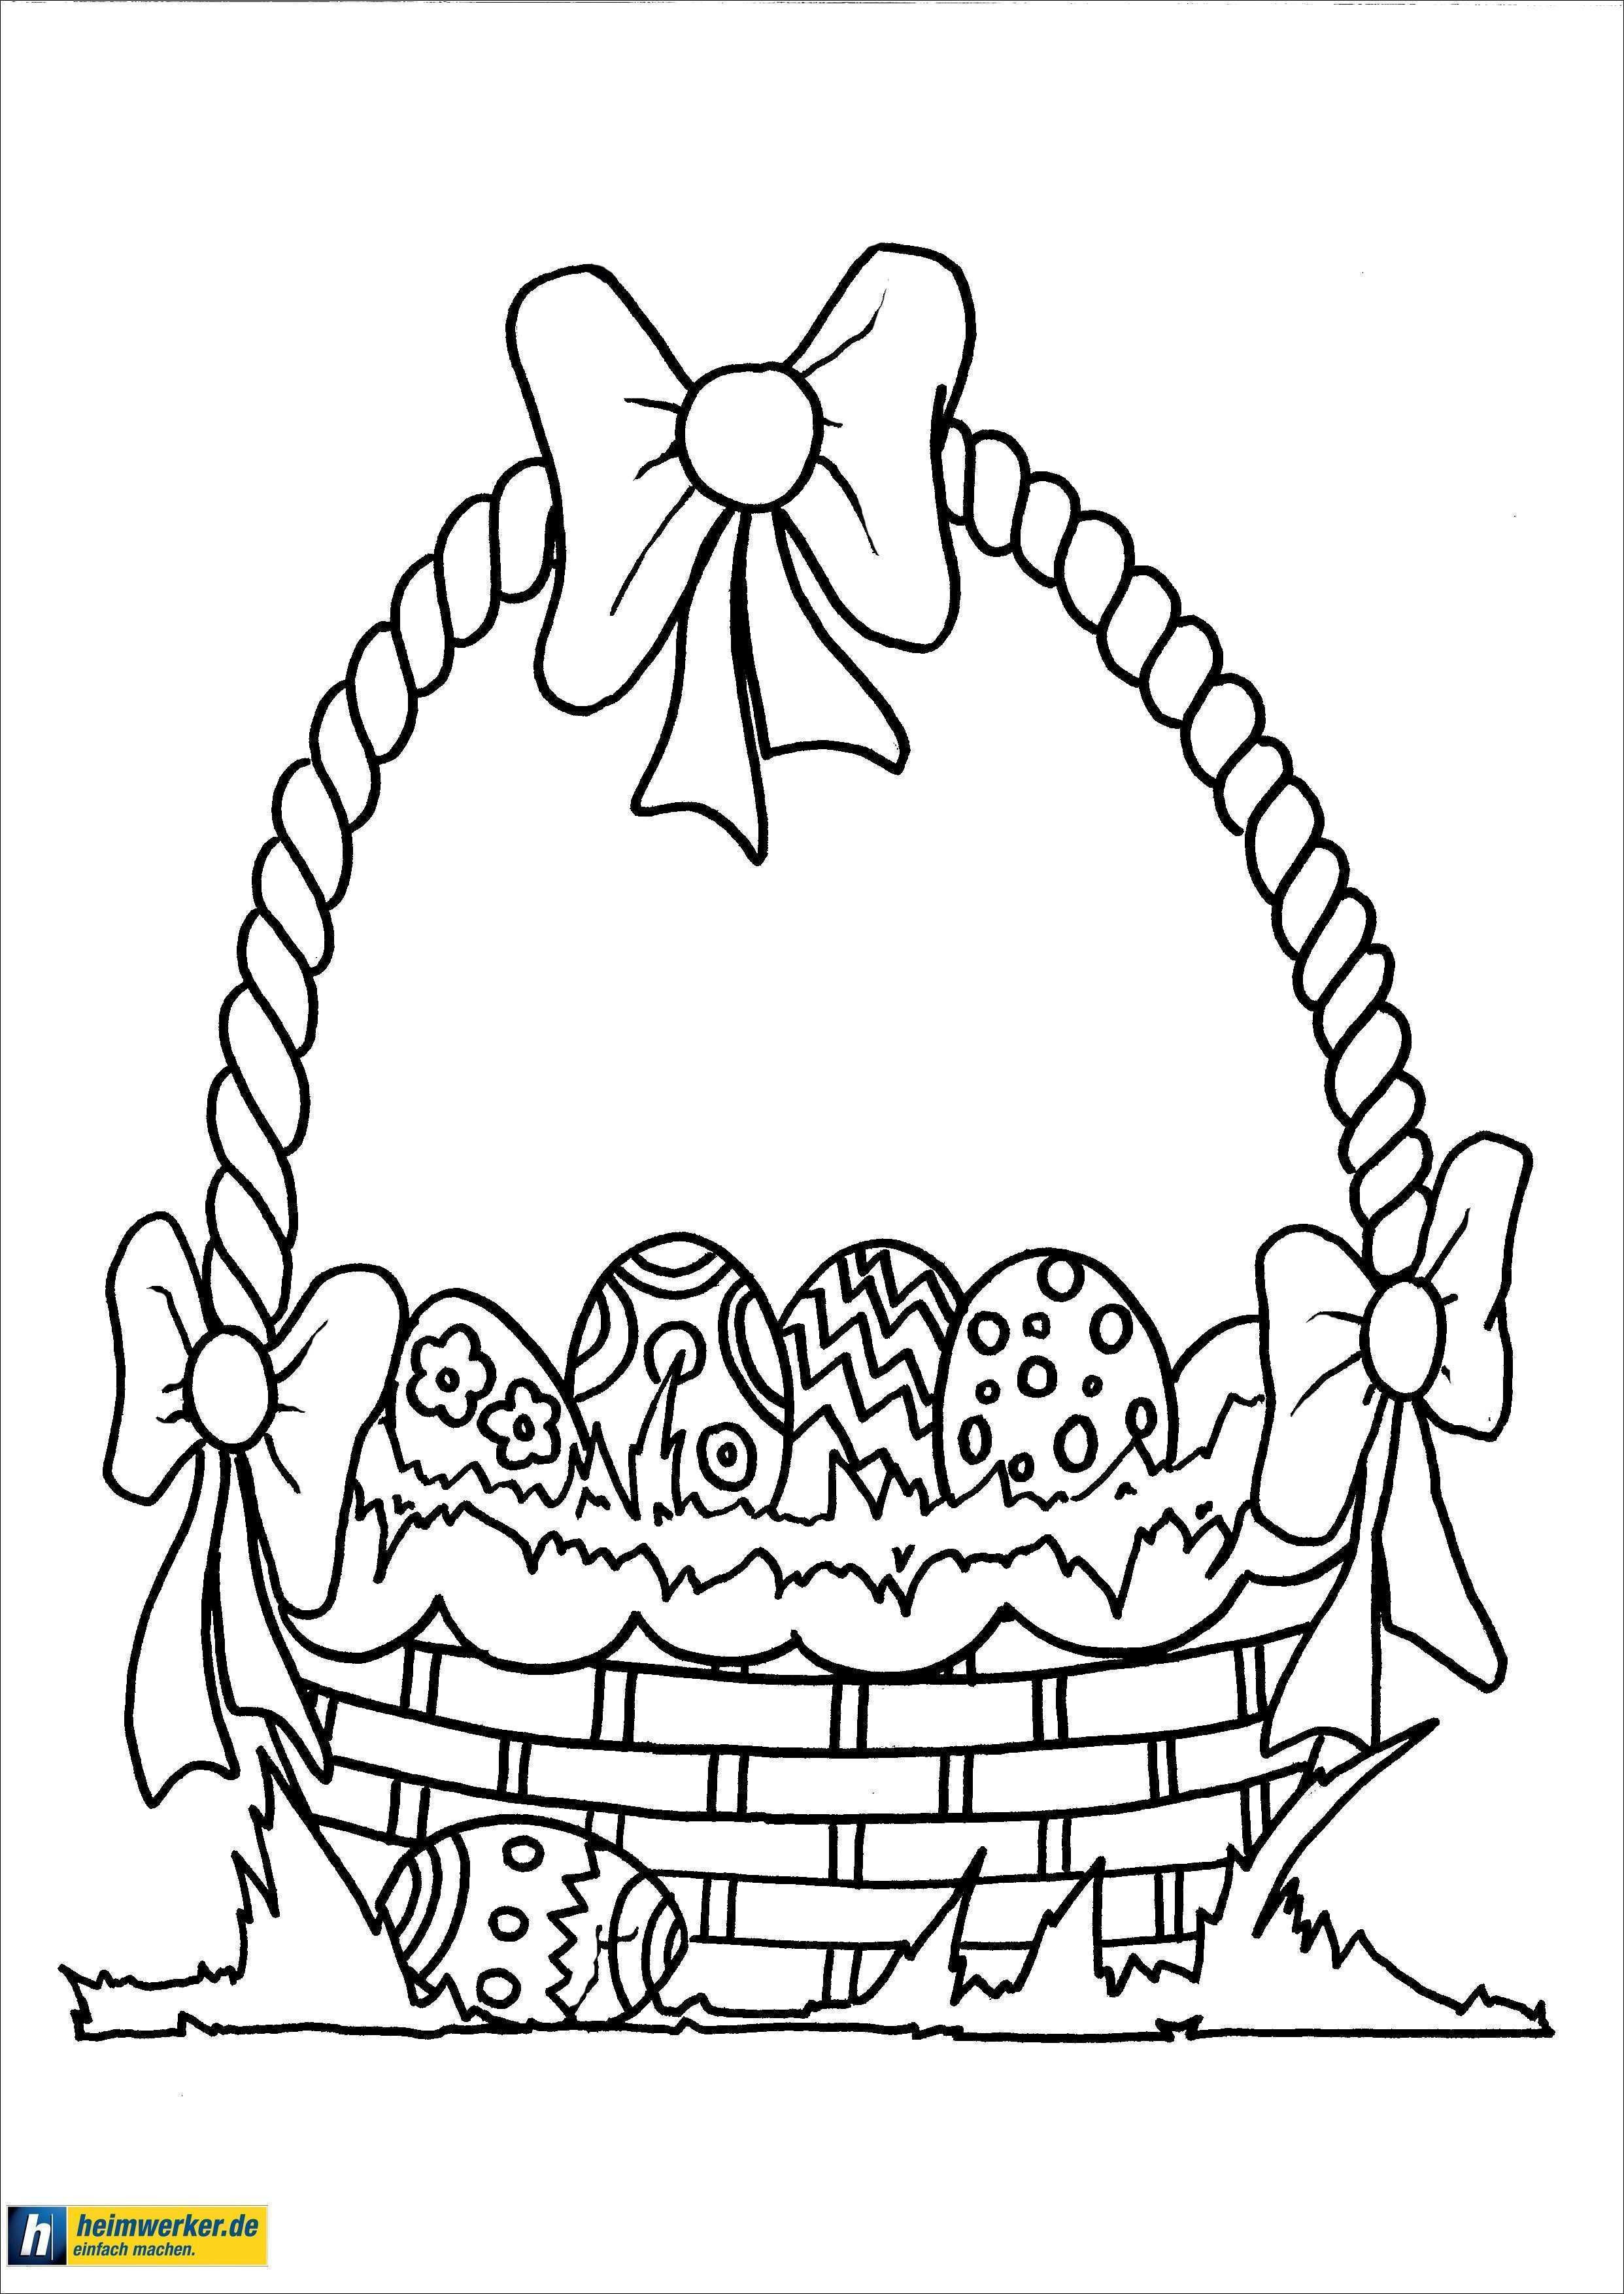 Ausmalbilder Harry Potter Das Beste Von Harry Potter Ausmalbilder Wappen Bildnis – Ausmalbilder Ideen Sammlung